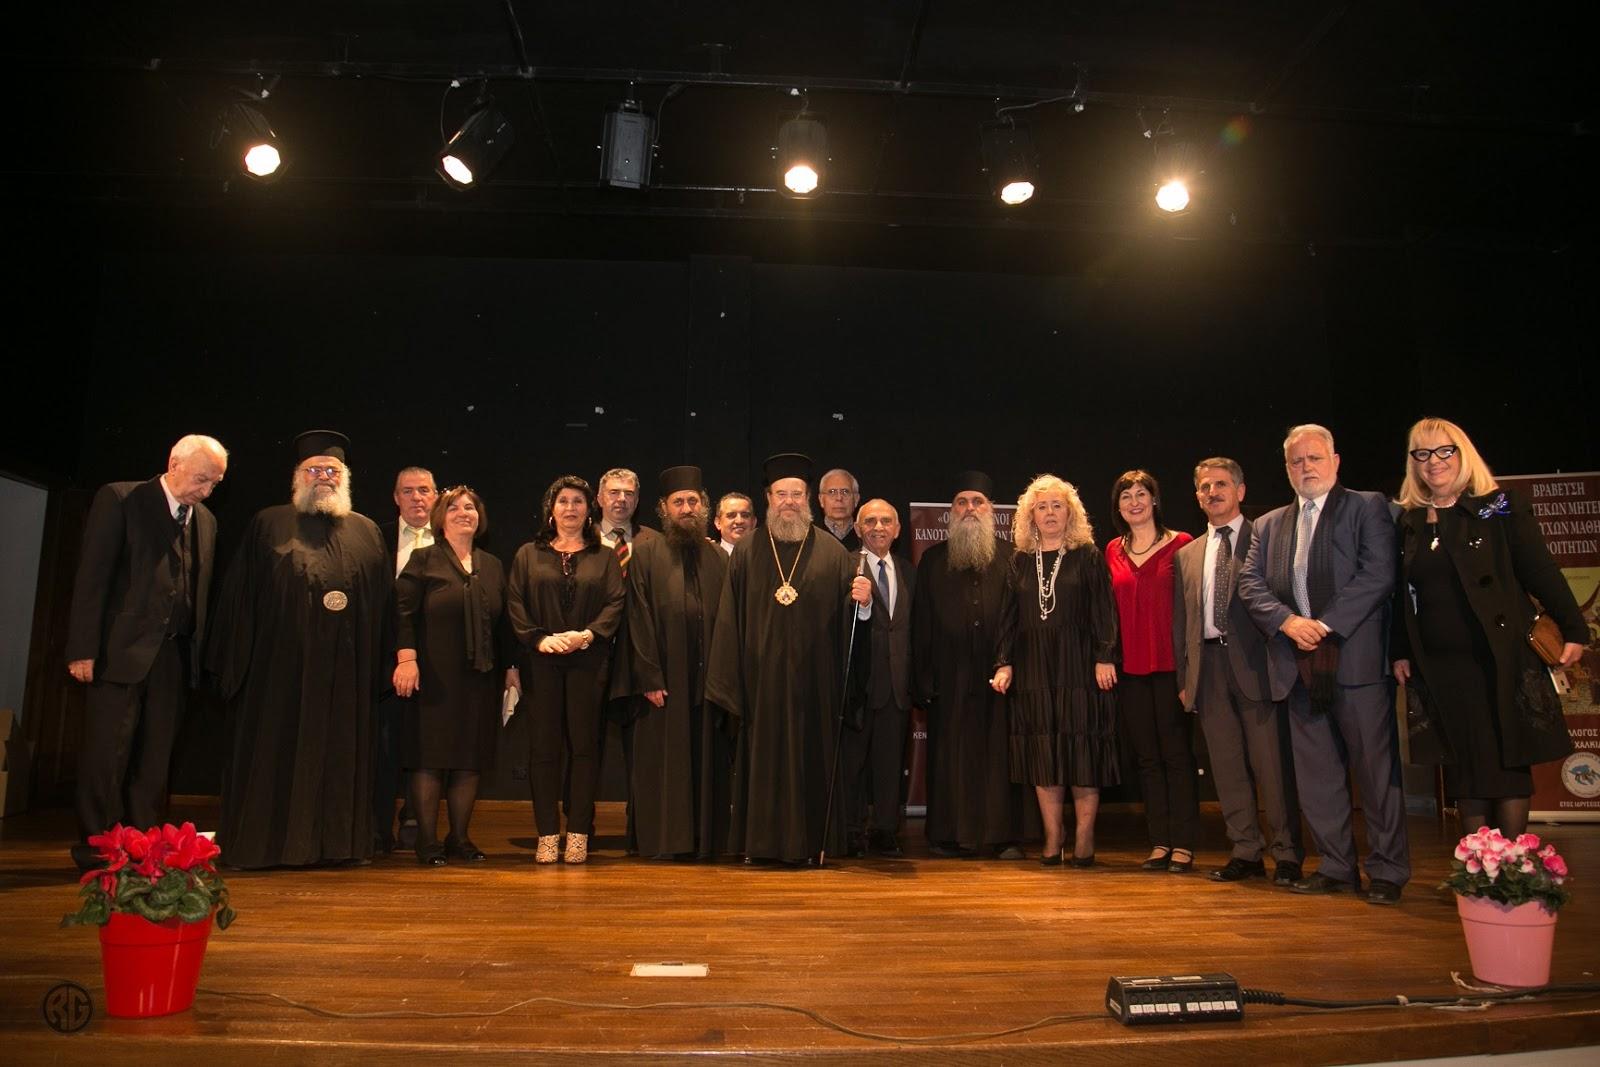 Εορταστική εκδήλωση του Συλλόγου Πολυτέκνων Ν. Χαλκιδικής (φώτο βίντεο)